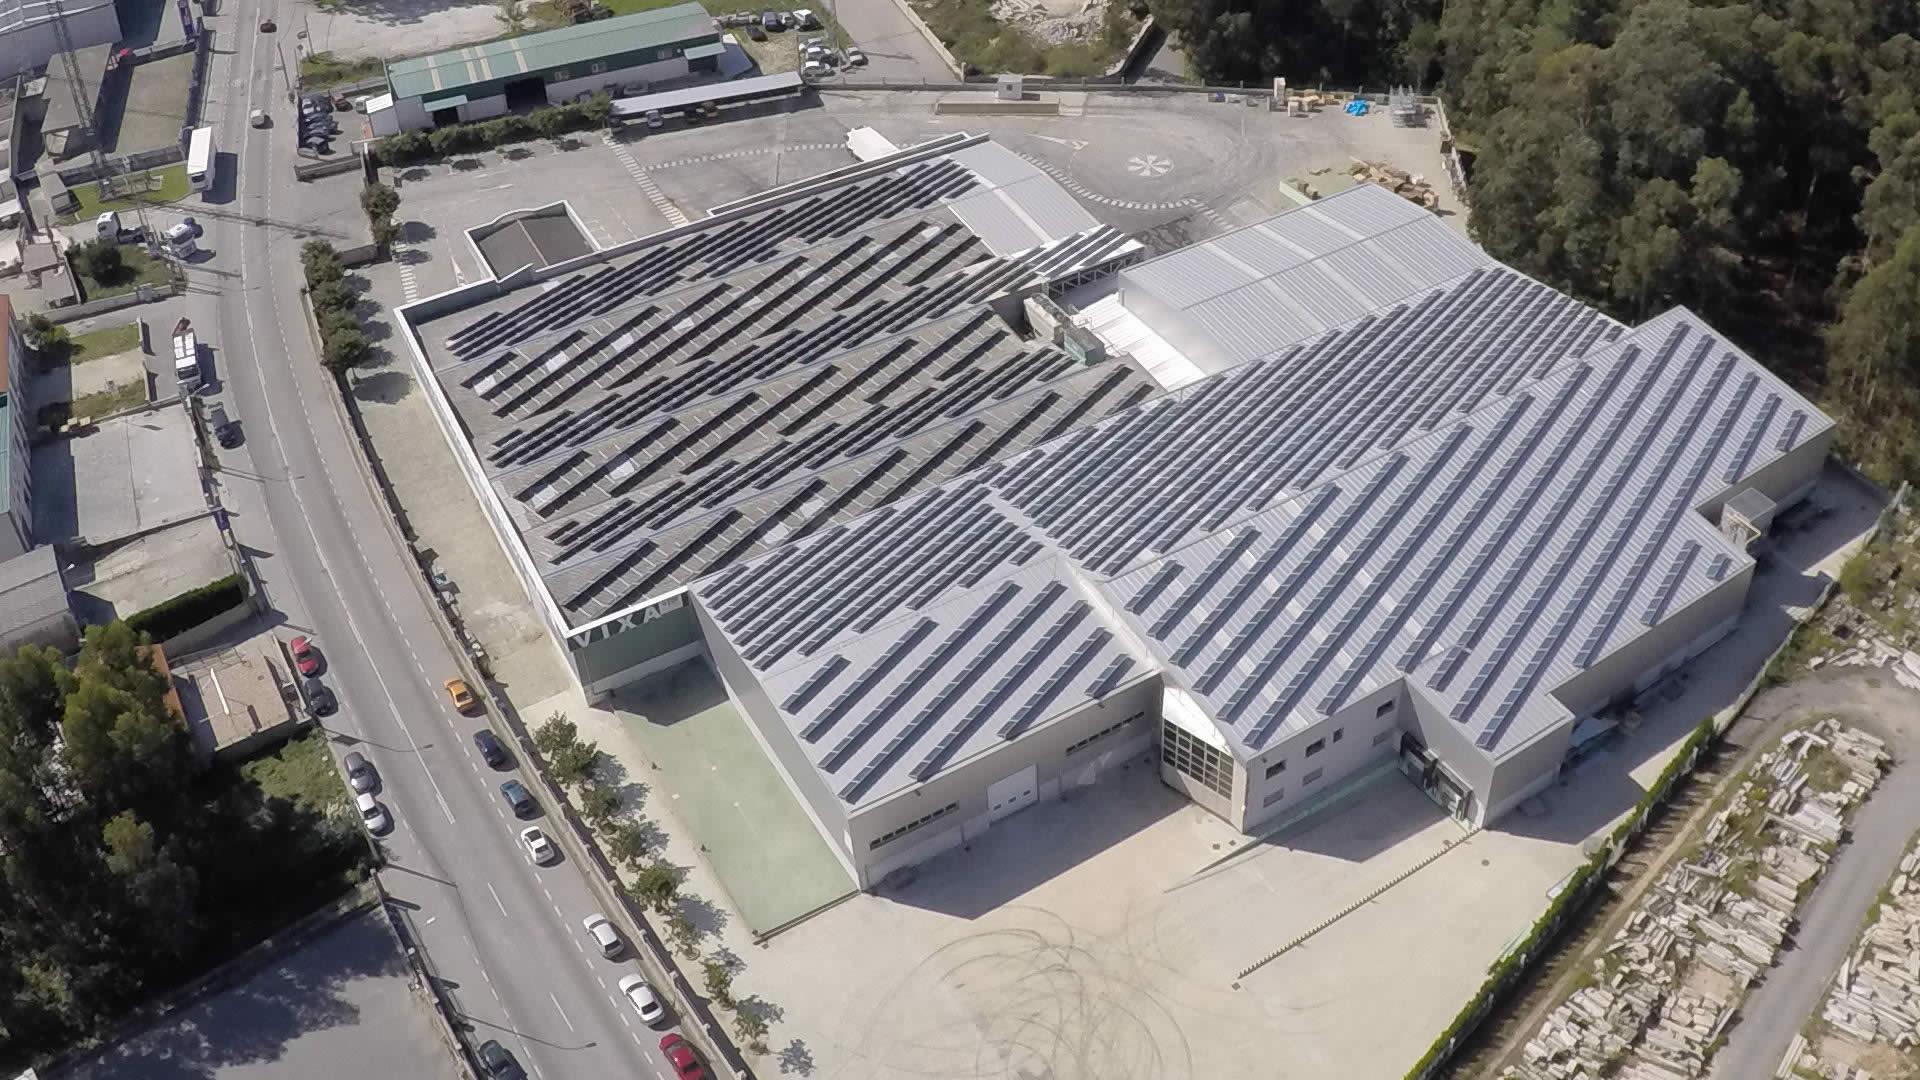 edf-solar-pescados-vixa-meano-50407